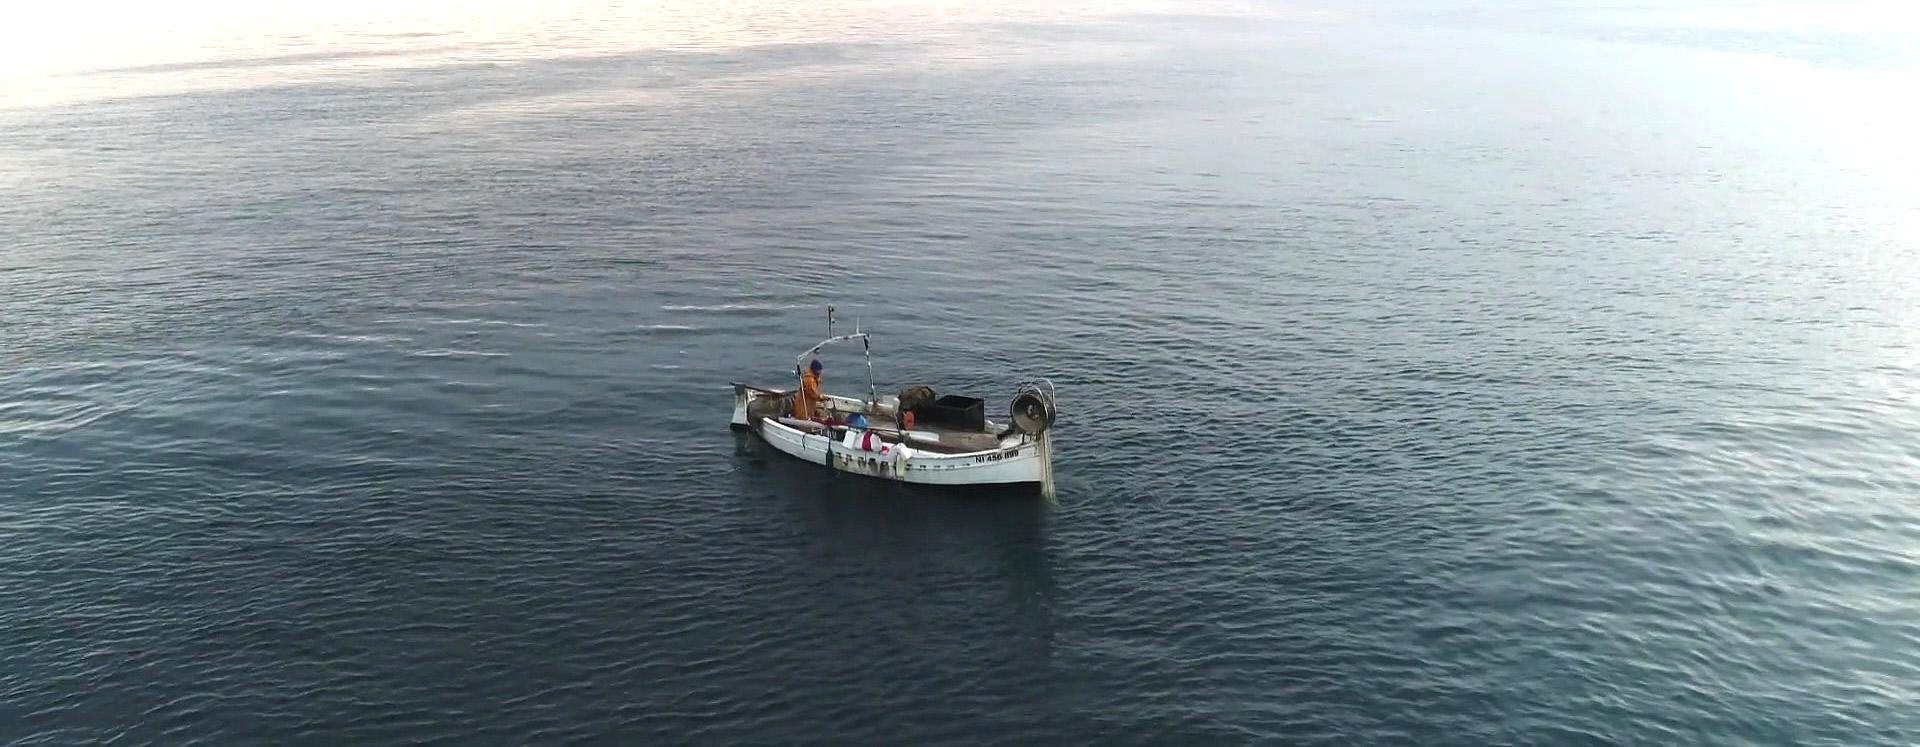 Pêcheur en mer